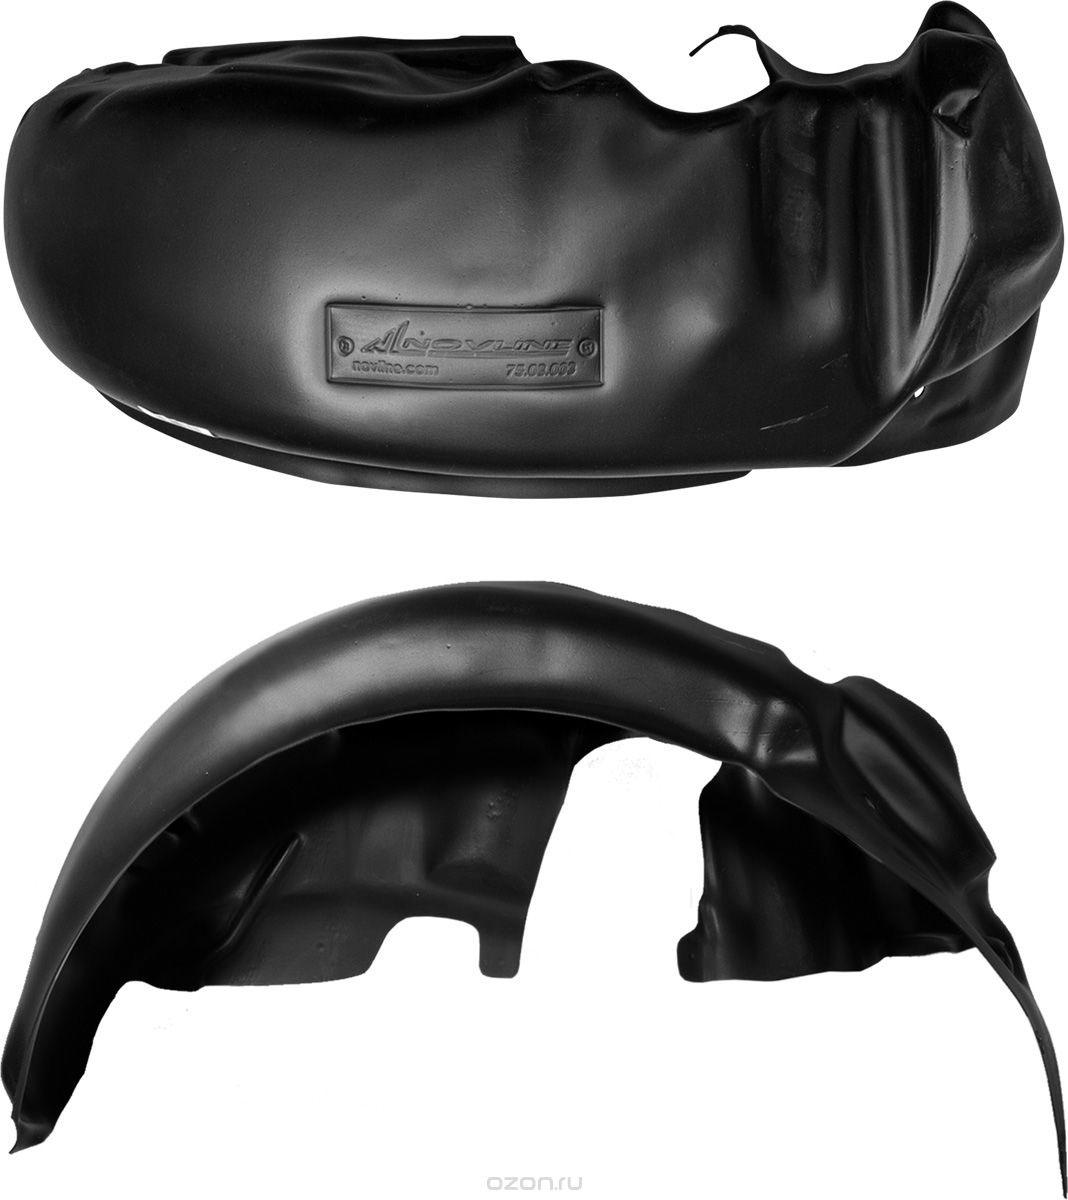 Подкрылок Novline-Autofamily, для ГАЗ Газель Next, 2013->, передний левыйNLL.53.03.001Идеальная защита колесной ниши. Локеры разработаны с применением цифровых технологий, гарантируют максимальную повторяемость поверхности арки. Изделия устанавливаются без нарушения лакокрасочного покрытия автомобиля, каждый подкрылок комплектуется крепежом. Уважаемые клиенты, обращаем ваше внимание, что фотографии на подкрылки универсальные и не отражают реальную форму изделия. При этом само изделие идет точно под размер указанного автомобиля.